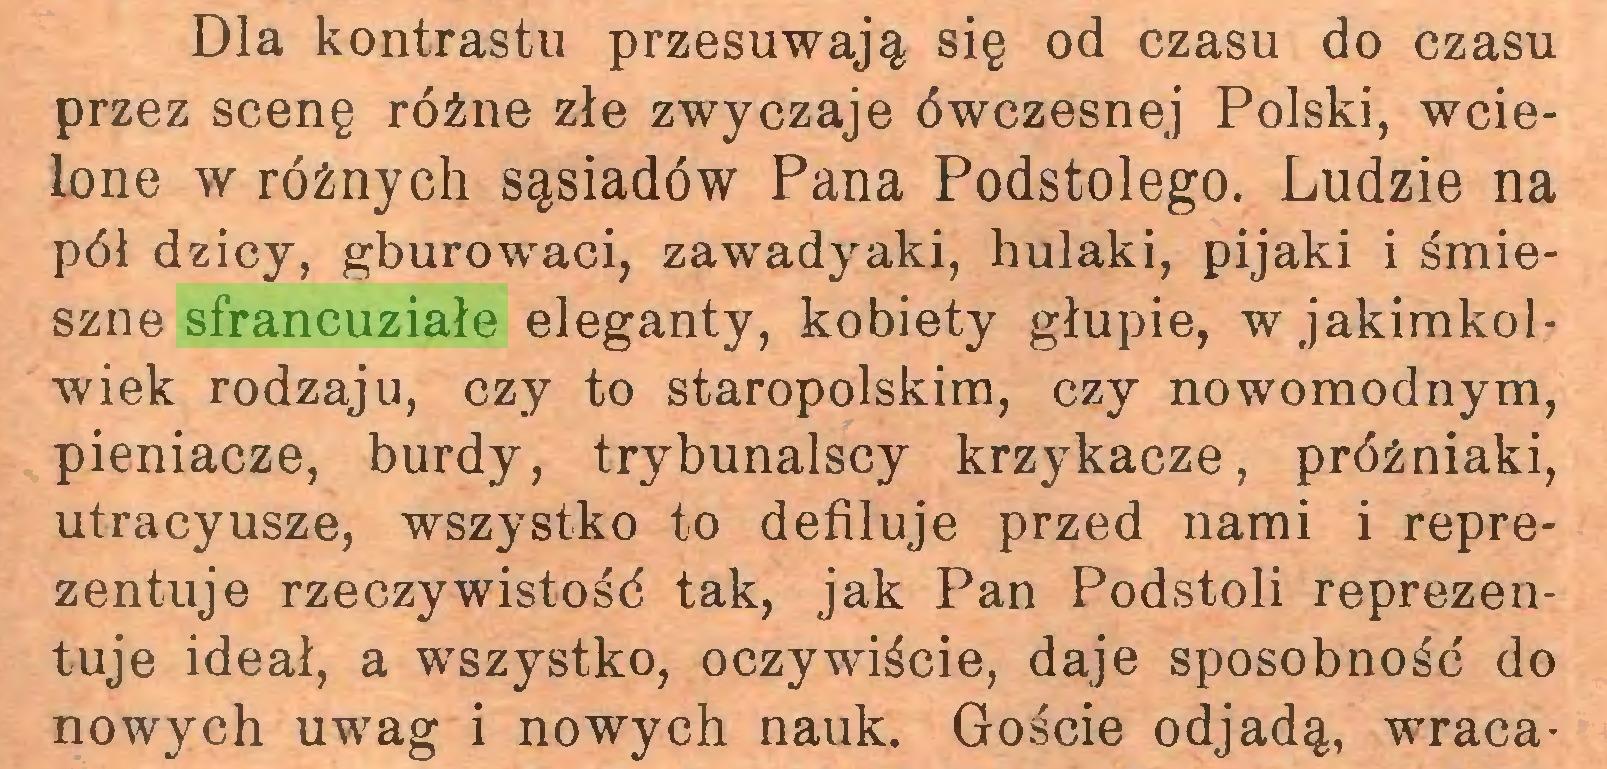 (...) Dla kontrastu przesuwają się od czasu do czasu przez scenę różne złe zwyczaje ówczesnej Polski, wcielone w różnych sąsiadów Pana Podstolego. Ludzie na pół dzicy, gburowaci, zawadyaki, hulaki, pijaki i śmieszne sfrancuziałe eleganty, kobiety głupie, w jakimkolwiek rodzaju, czy to staropolskim, czy nowomodnym, pieniacze, burdy, trybunalscy krzykacze, próżniaki, utracyusze, wszystko to defiluje przed nami i reprezentuje rzeczywistość tak, jak Pan Podstoli reprezentuje ideał, a wszystko, oczywiście, daje sposobność do nowych uwag i nowych nauk. Goście odjadą, wraca...